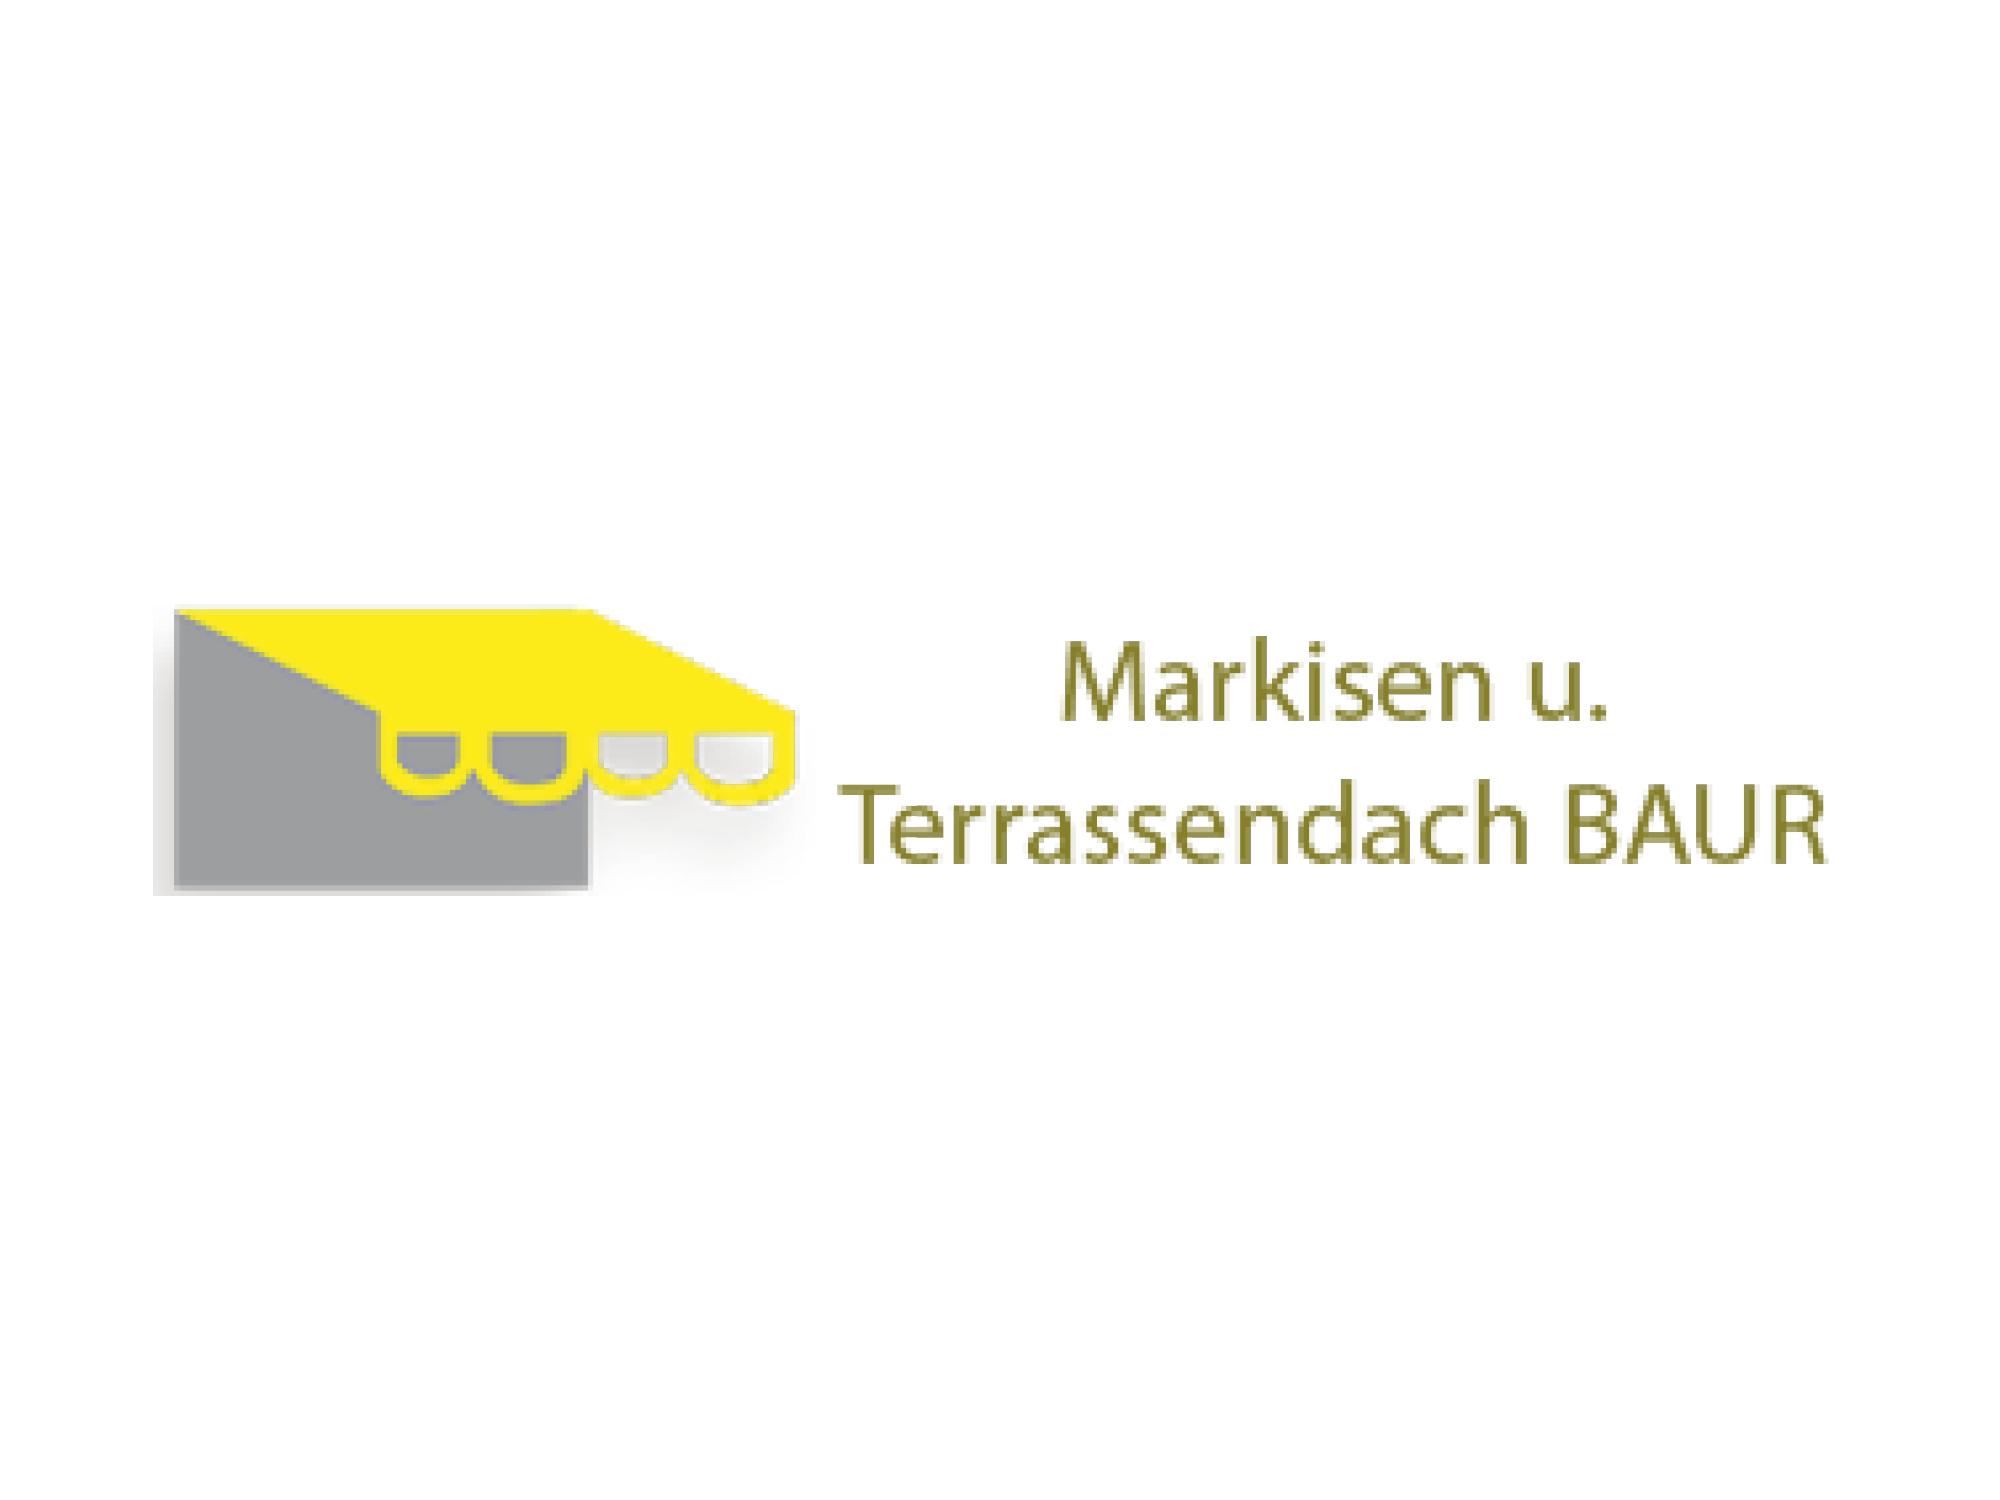 BB - Markisen & Terrassendach Baur